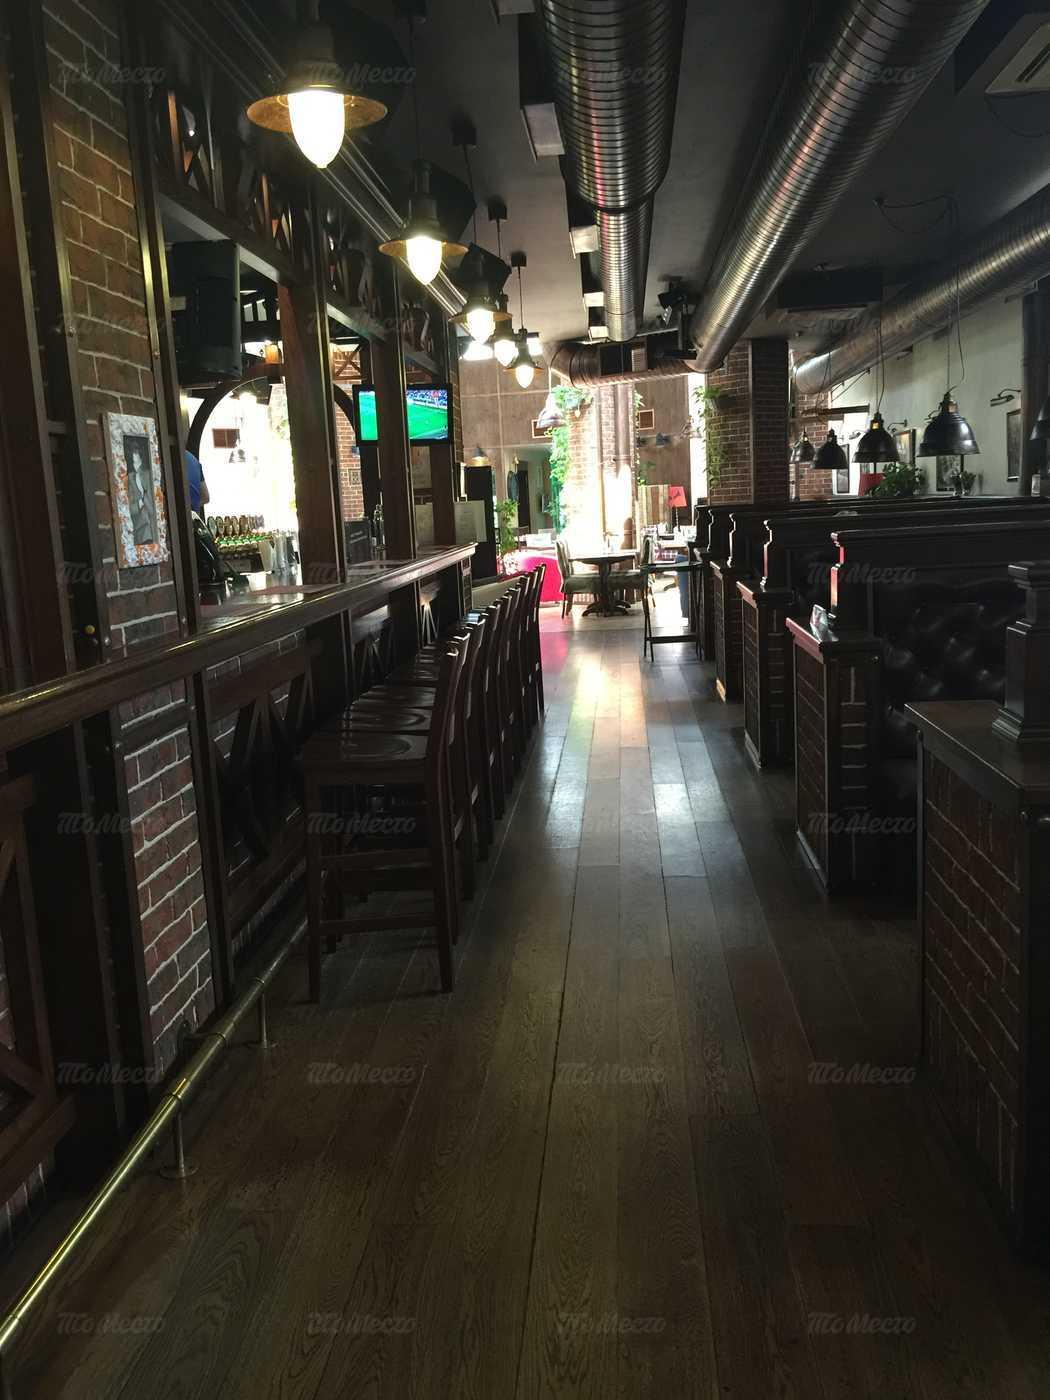 Меню ресторана Портер Хаус на улице Архитектора Власова